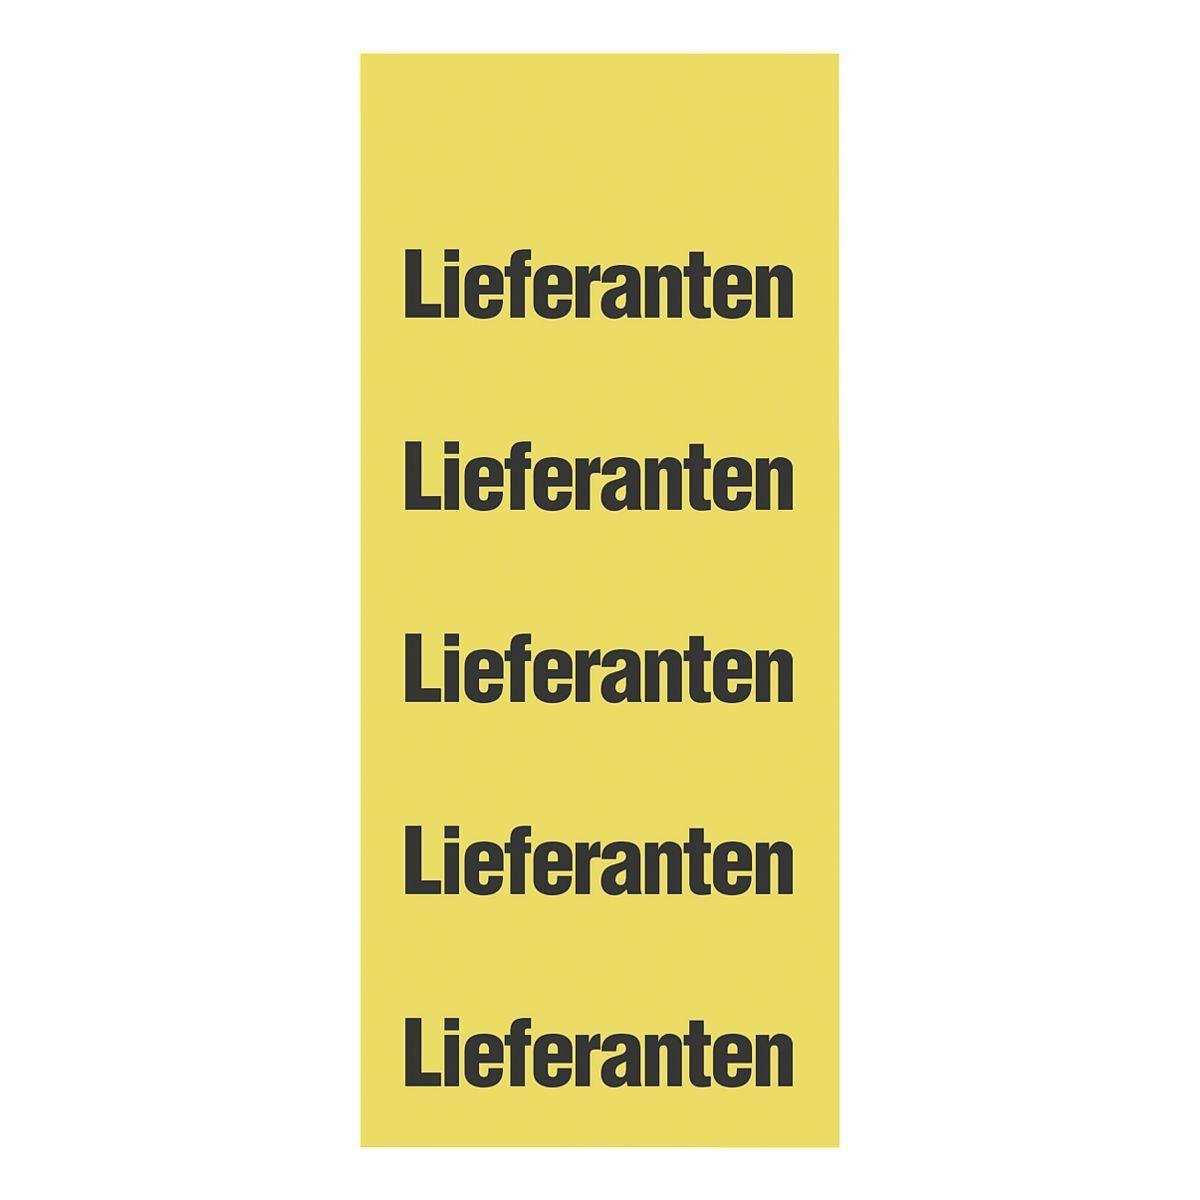 OTTO Office Standard Selbstklebende Inhaltsschilder »Lieferanten«